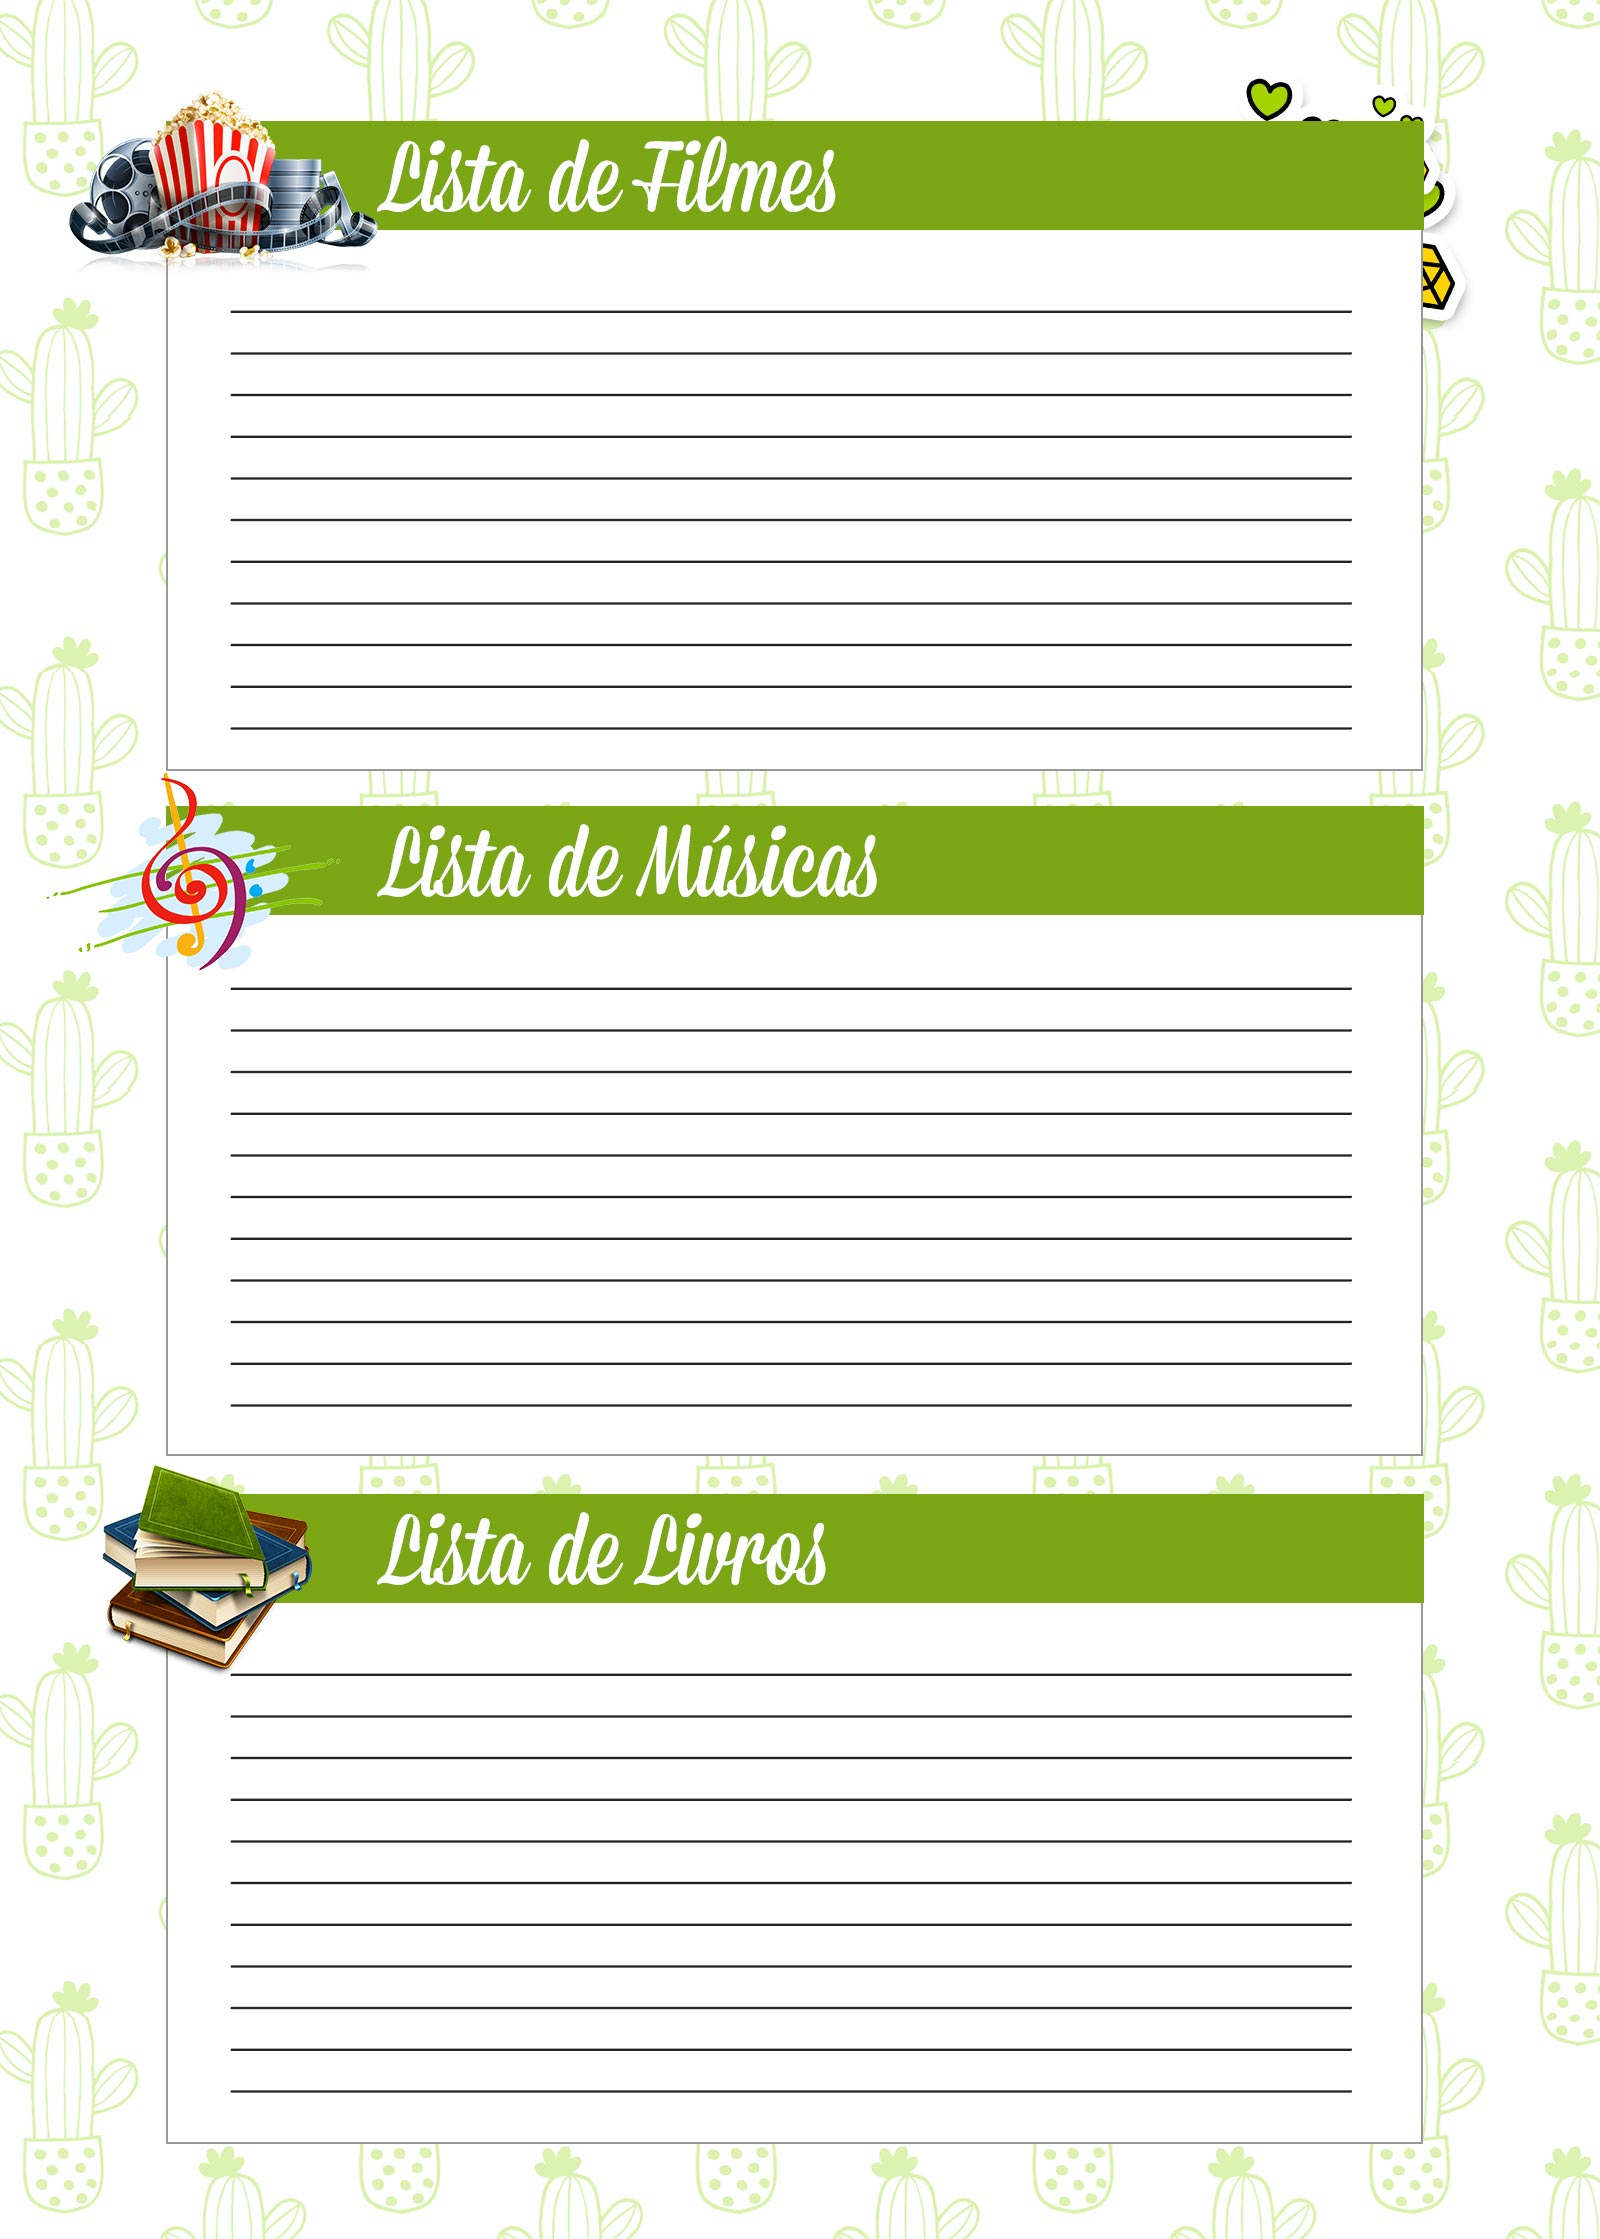 Caderno de Planejamento para Professores Lista de Filmes Musicas Livros Cactos